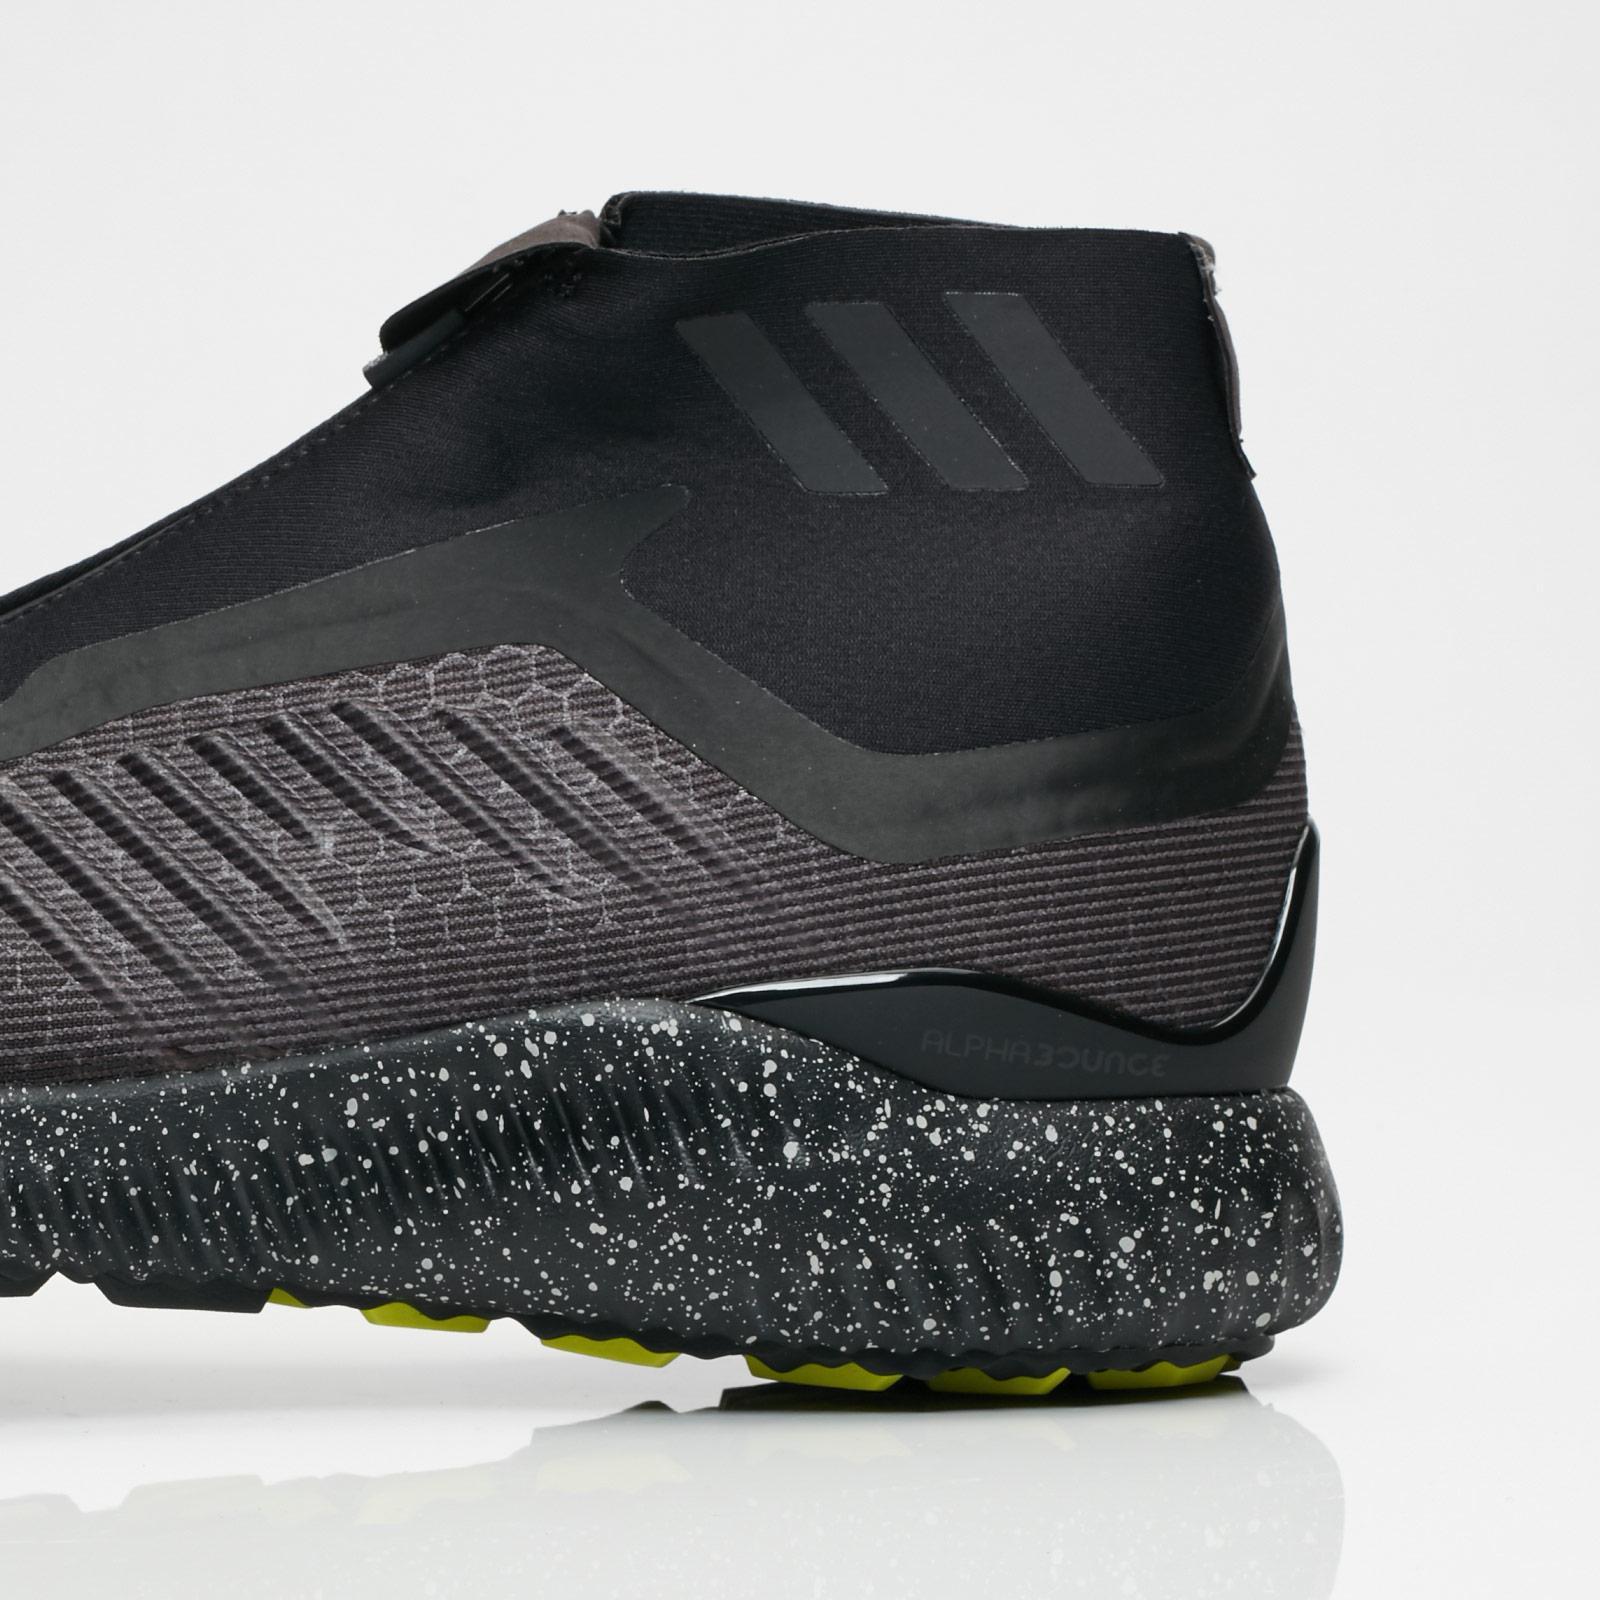 1c42b2e97a54b adidas Alphabounce Zip M - Bw1386 - Sneakersnstuff